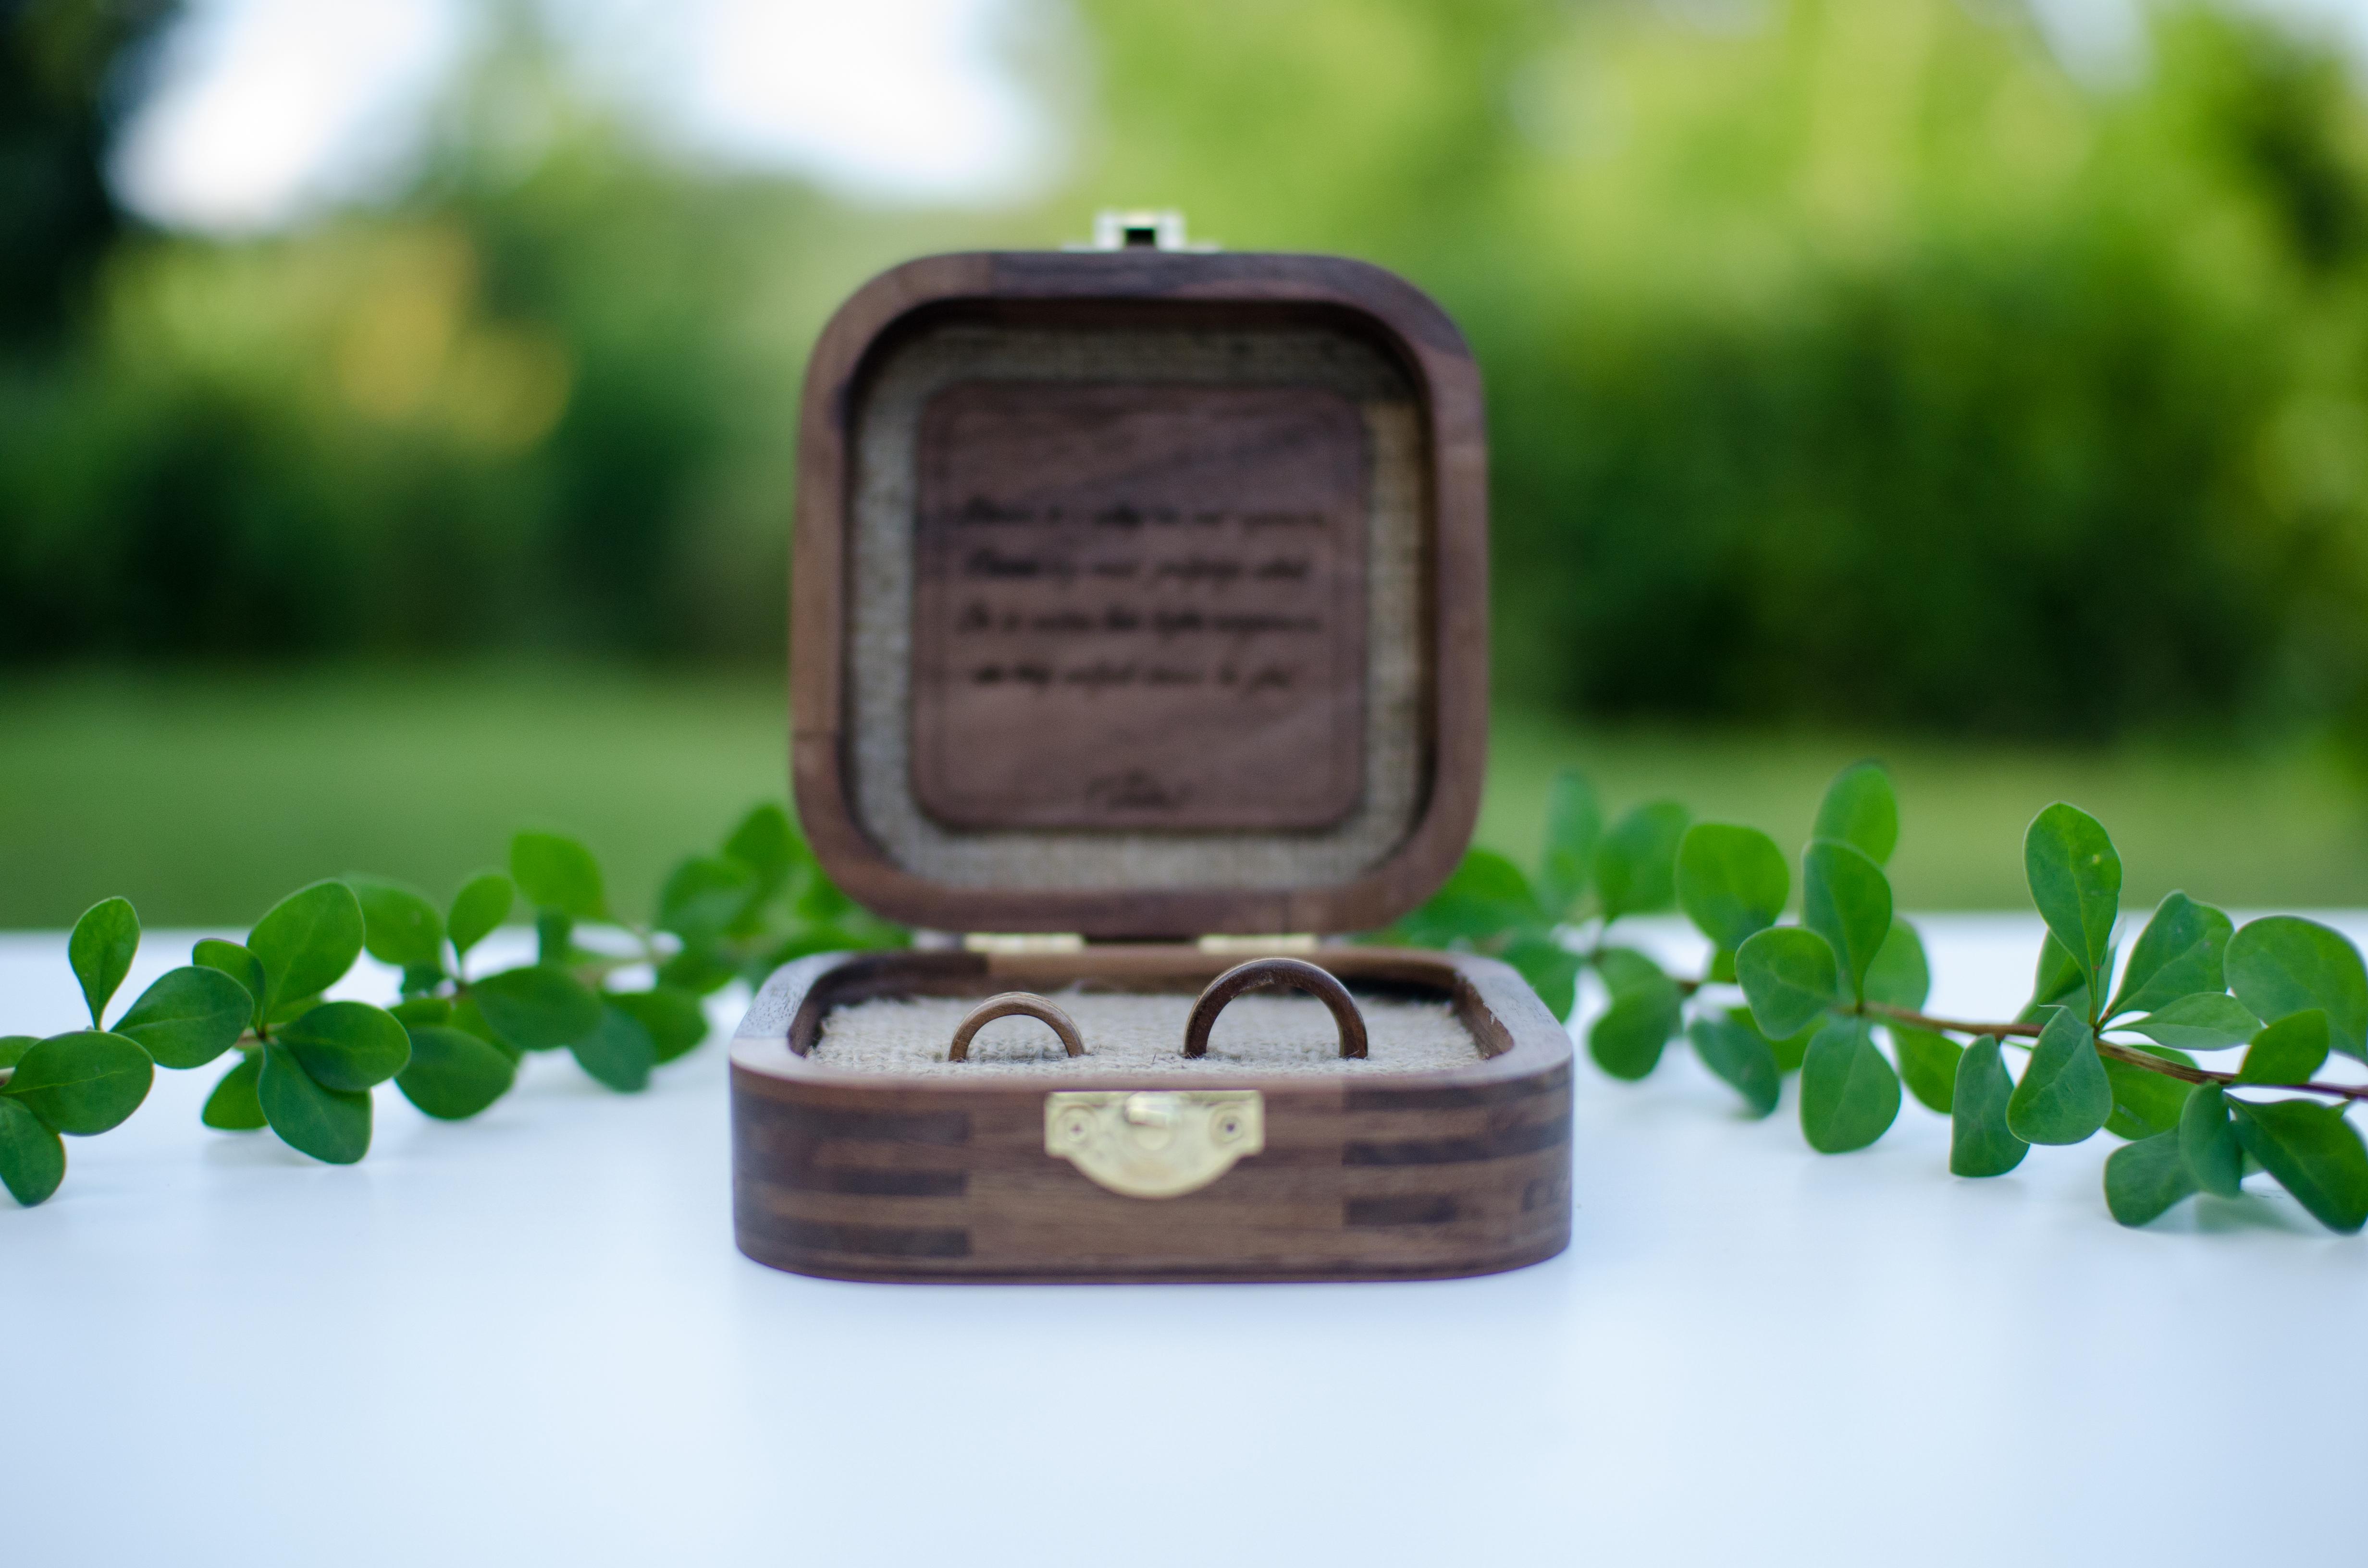 3. Zaobljena orehova skrinjica-zeleno drevo3